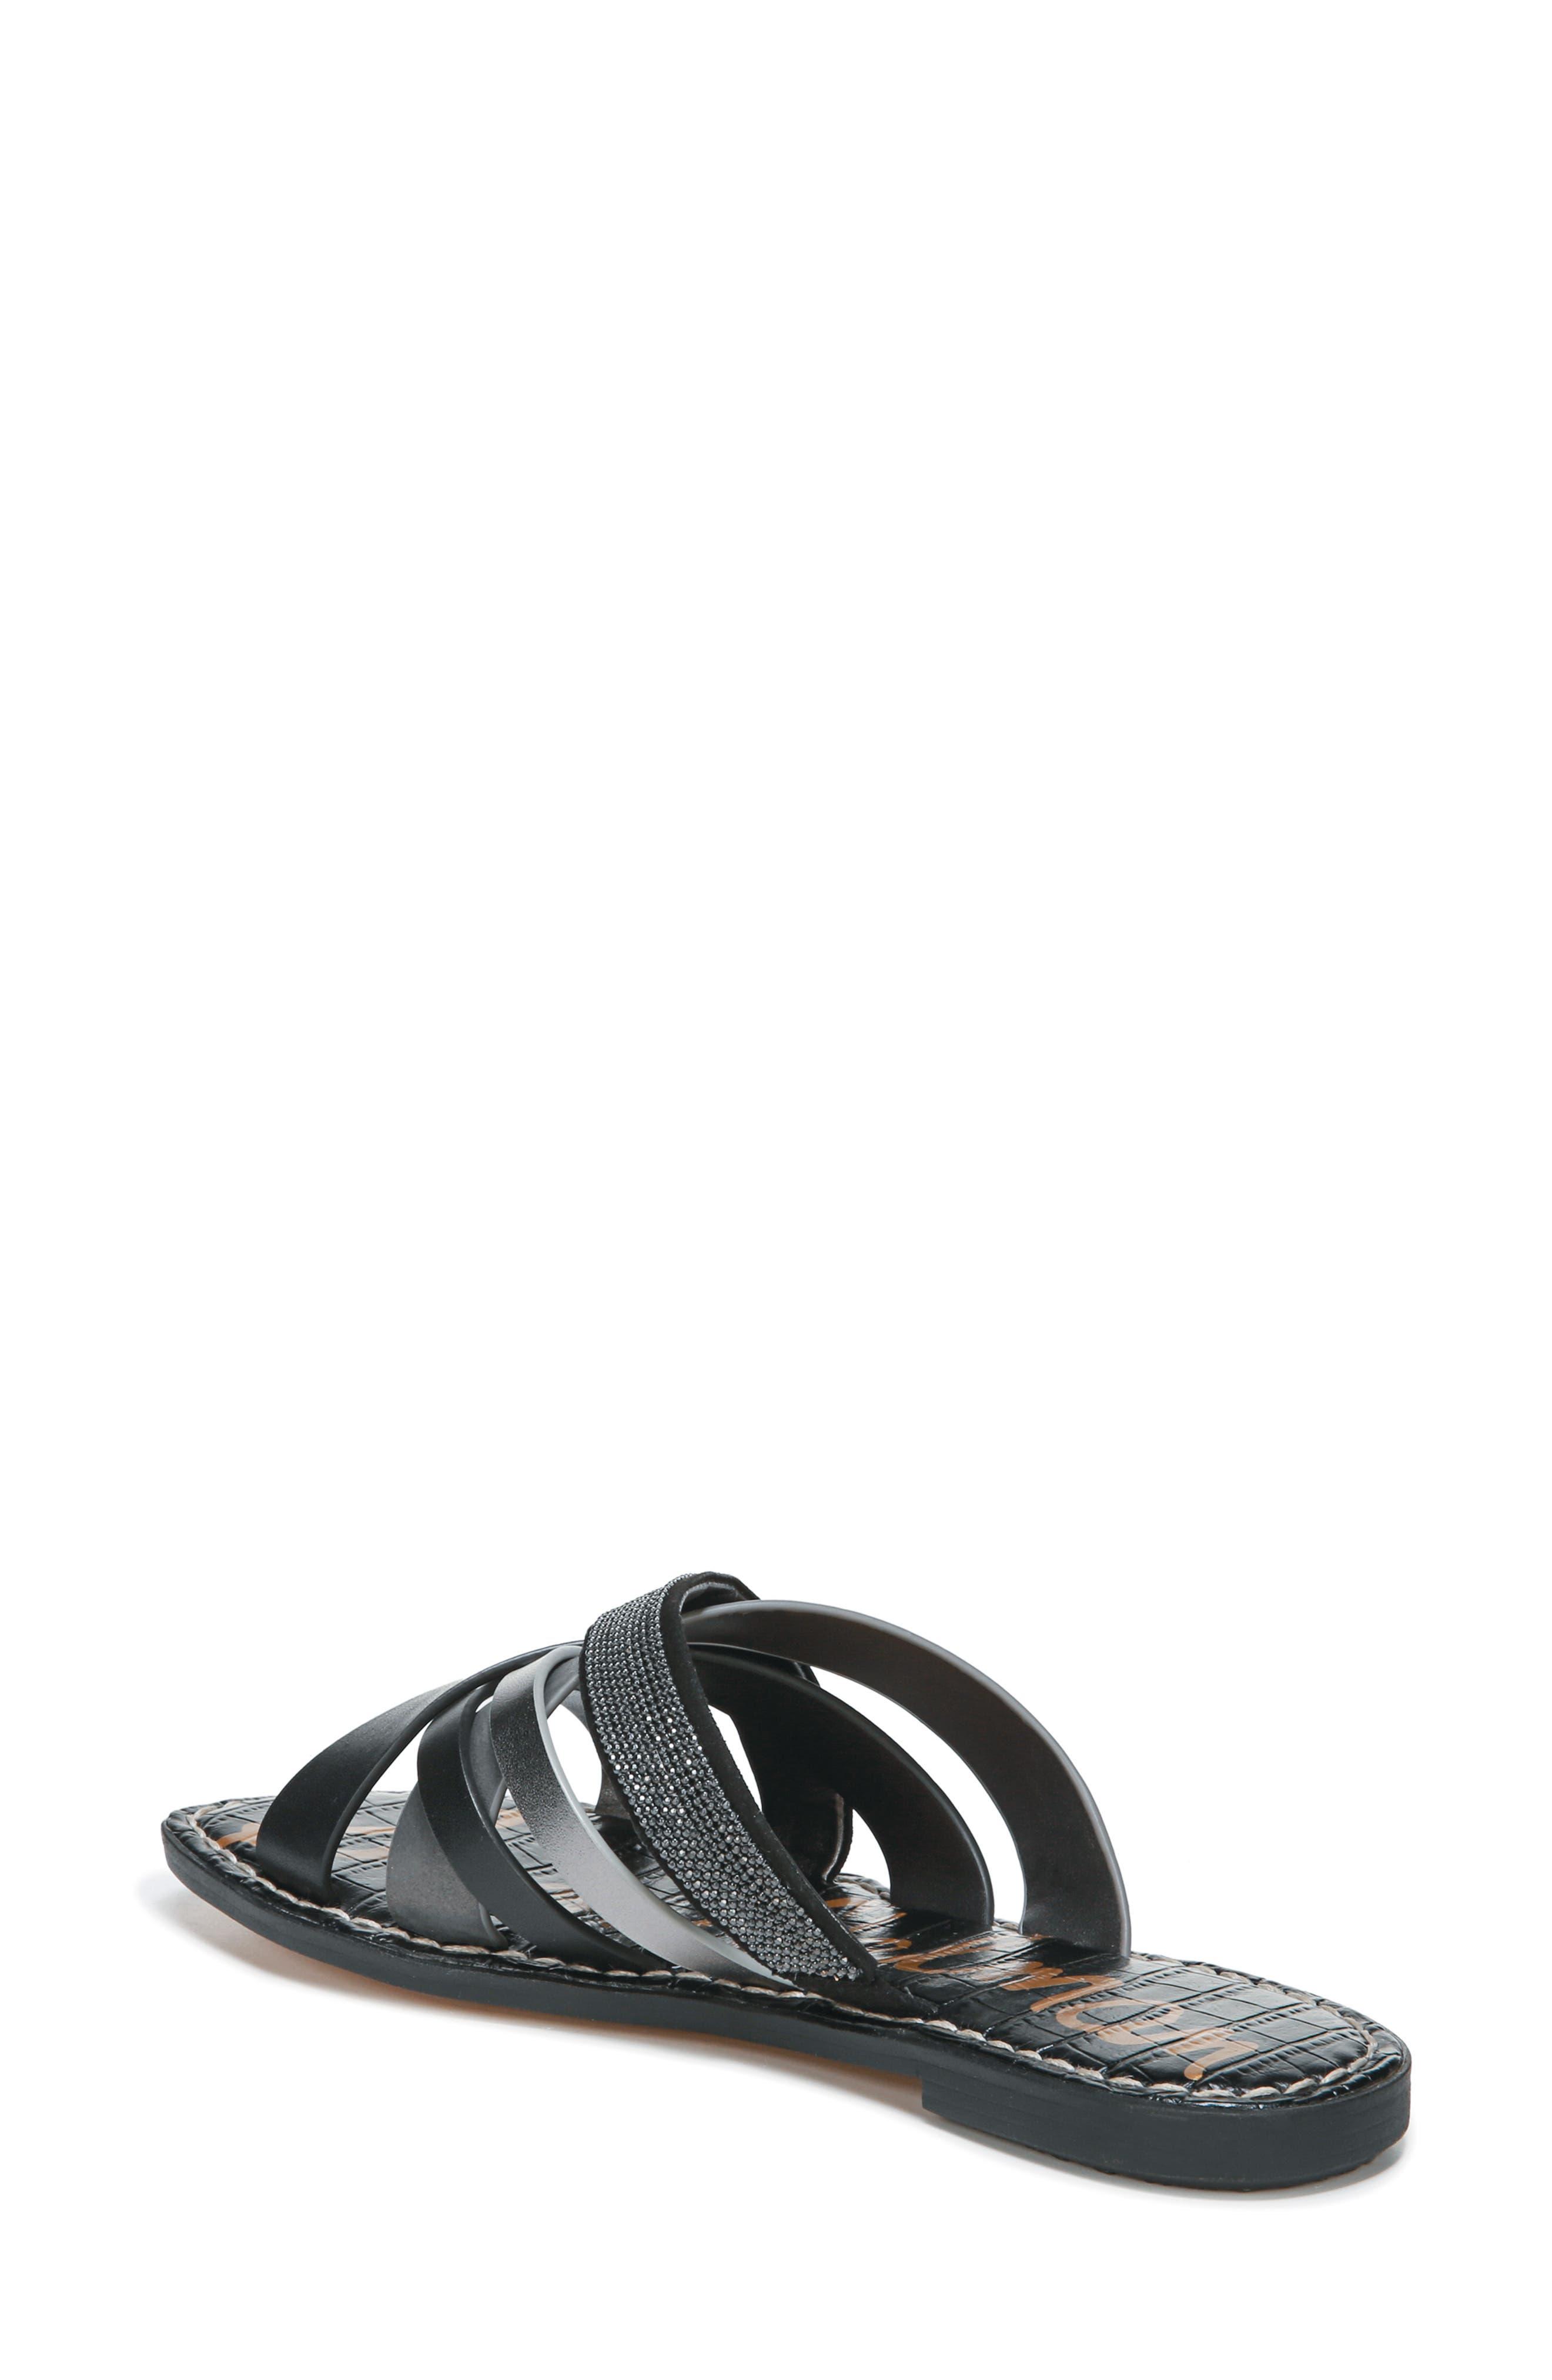 Glennia Slide Sandal,                             Alternate thumbnail 2, color,                             DARK PEWTER/ BLACK LEATHER